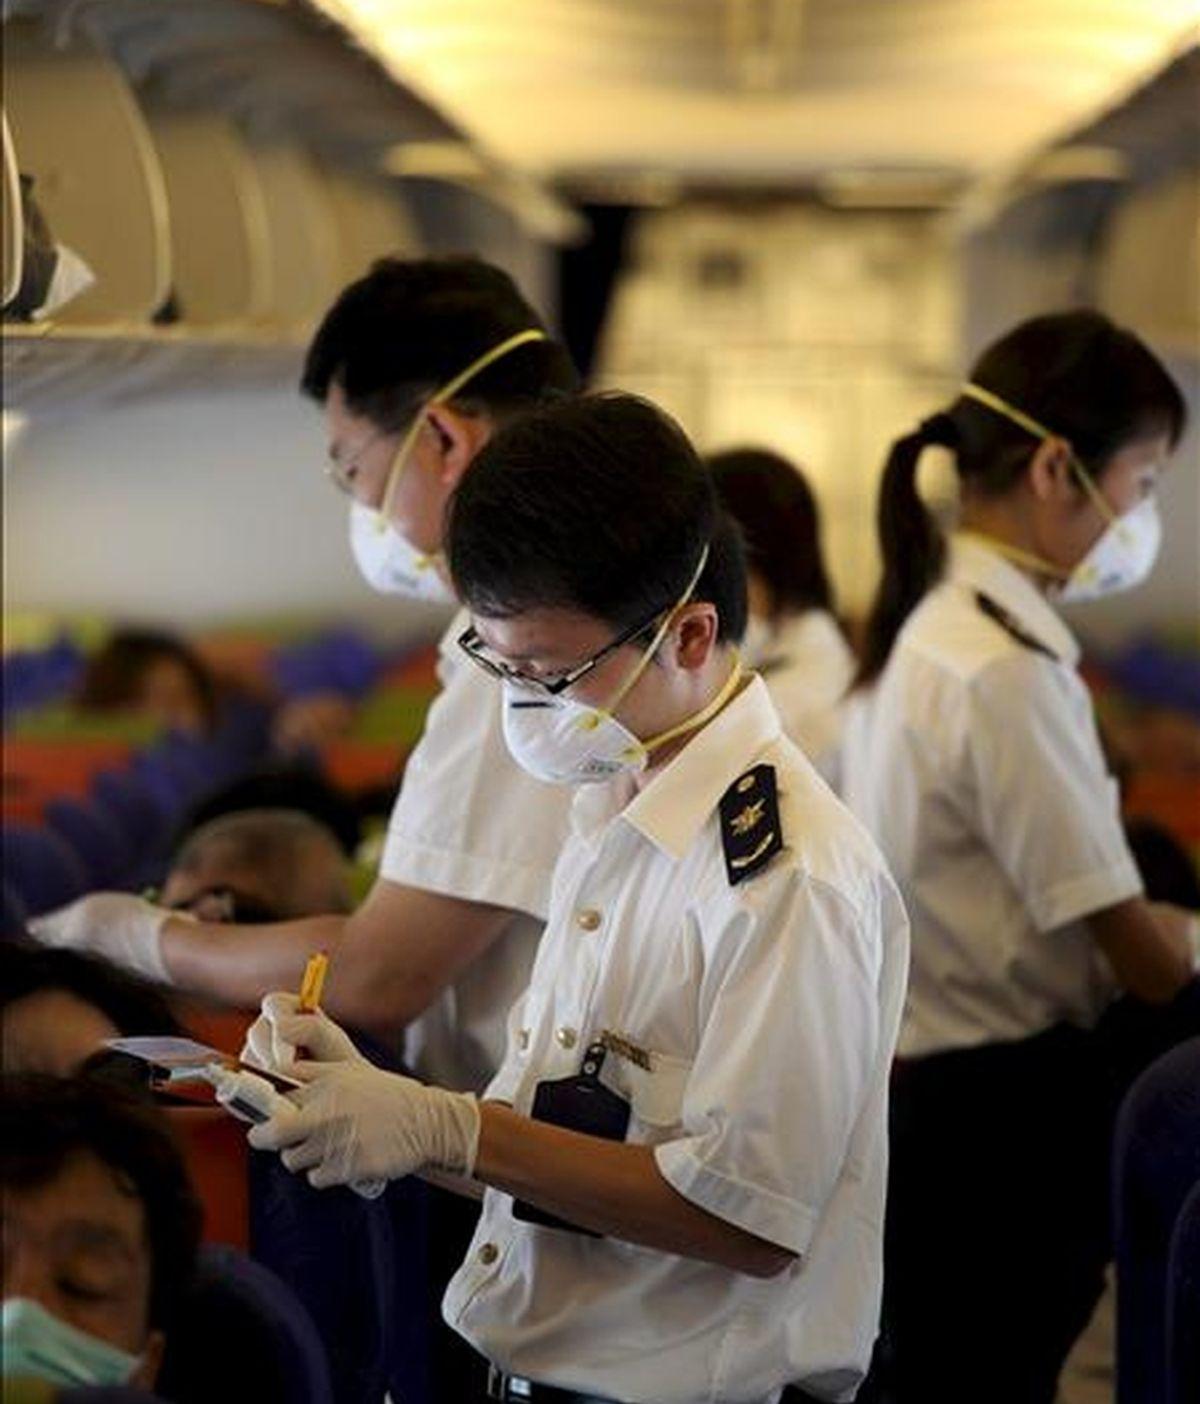 Trabajadores sanitarios inspeccionan a los viajeros en el aeropuerto chino de Meilan. EFE/Archivo